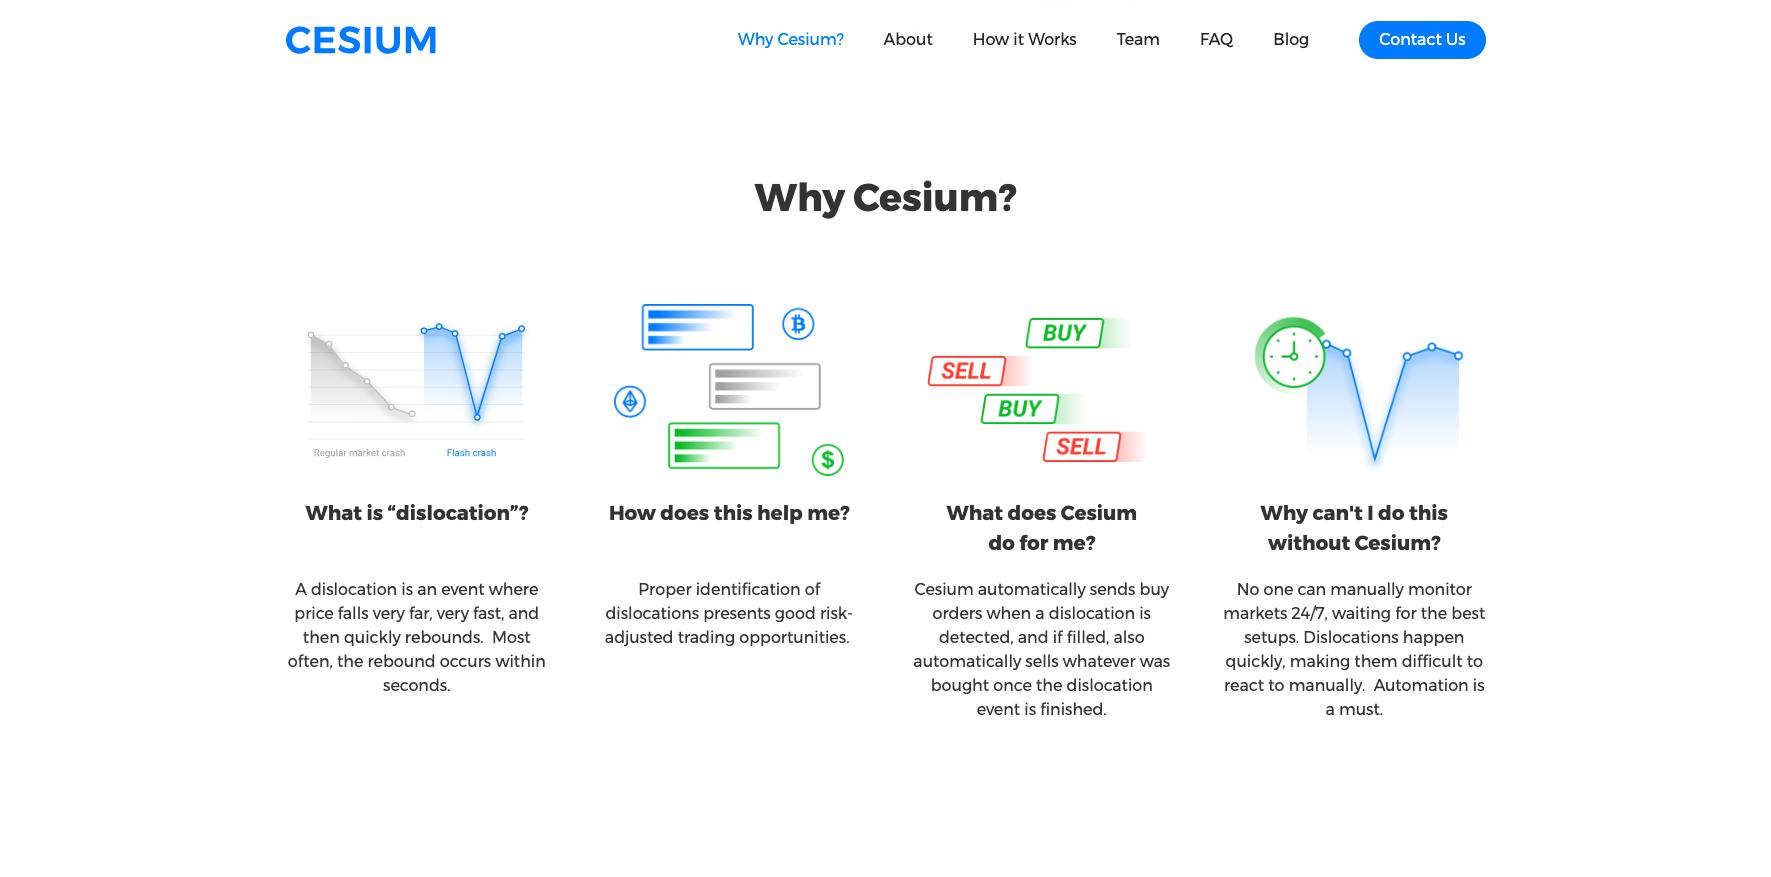 Why cesium